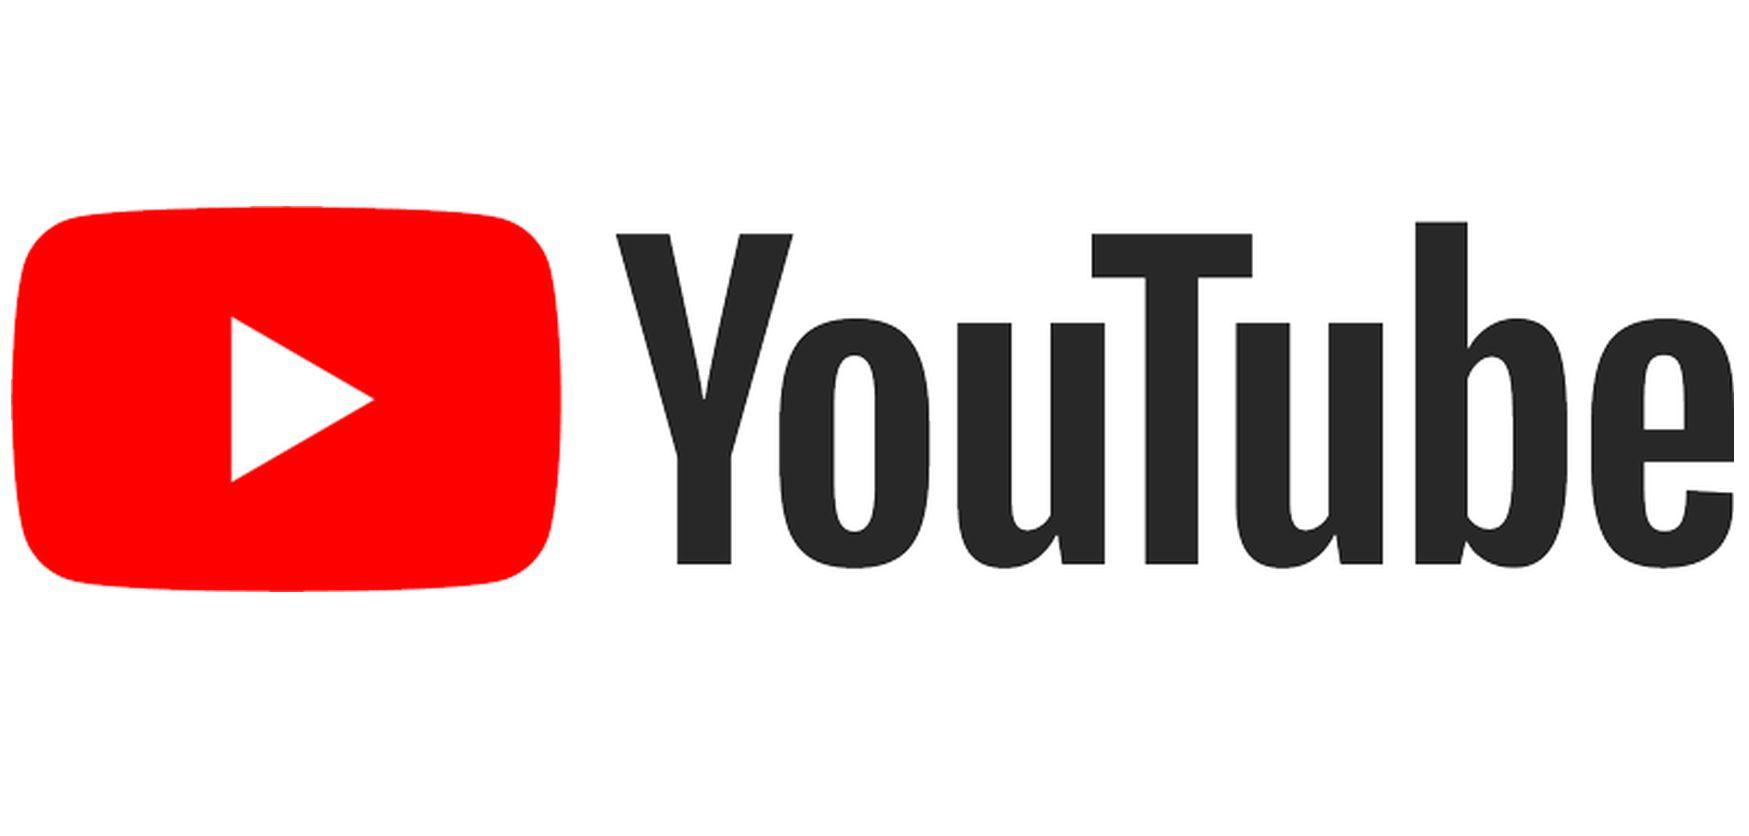 YouTube: Με αυτόν τον τρόπο διαγράφετε αυτόματα το ιστορικό σας!